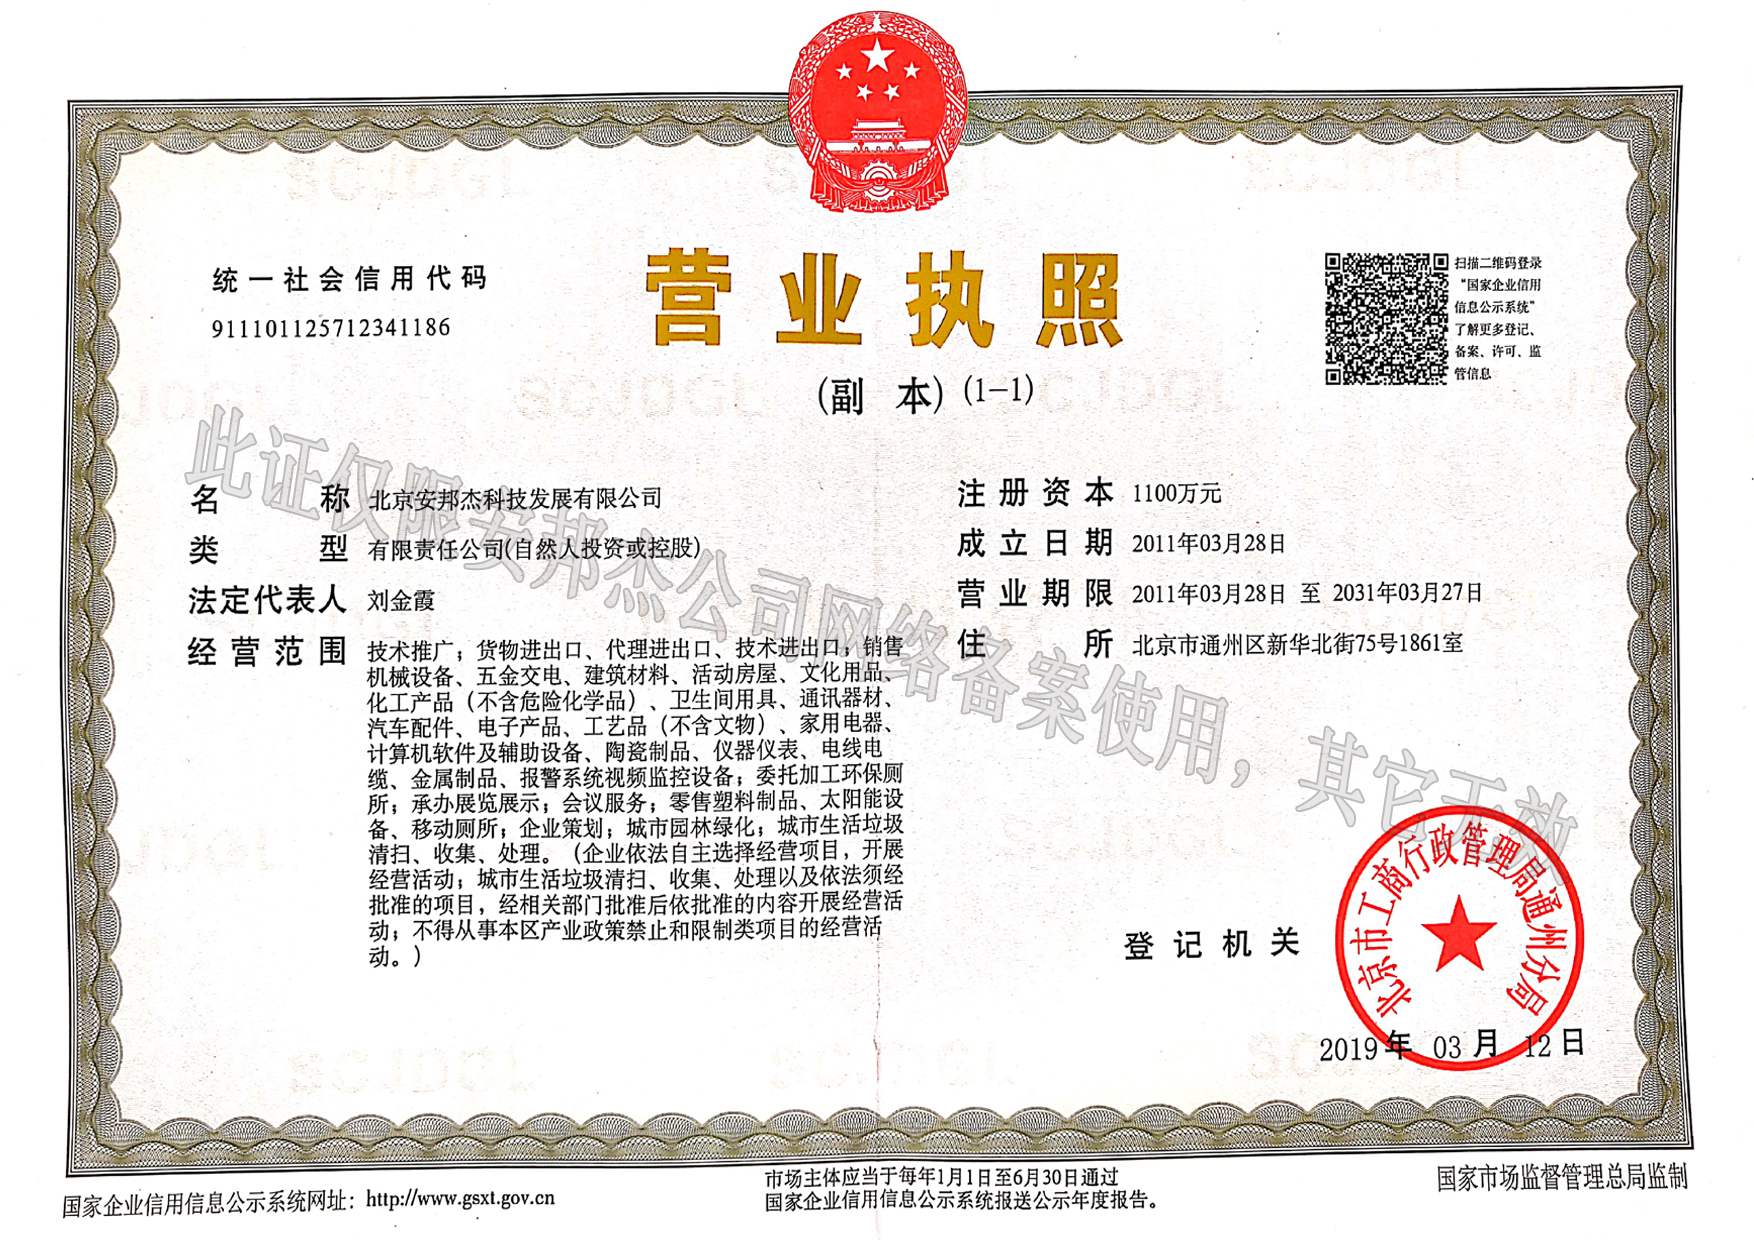 北京安邦杰营业执照